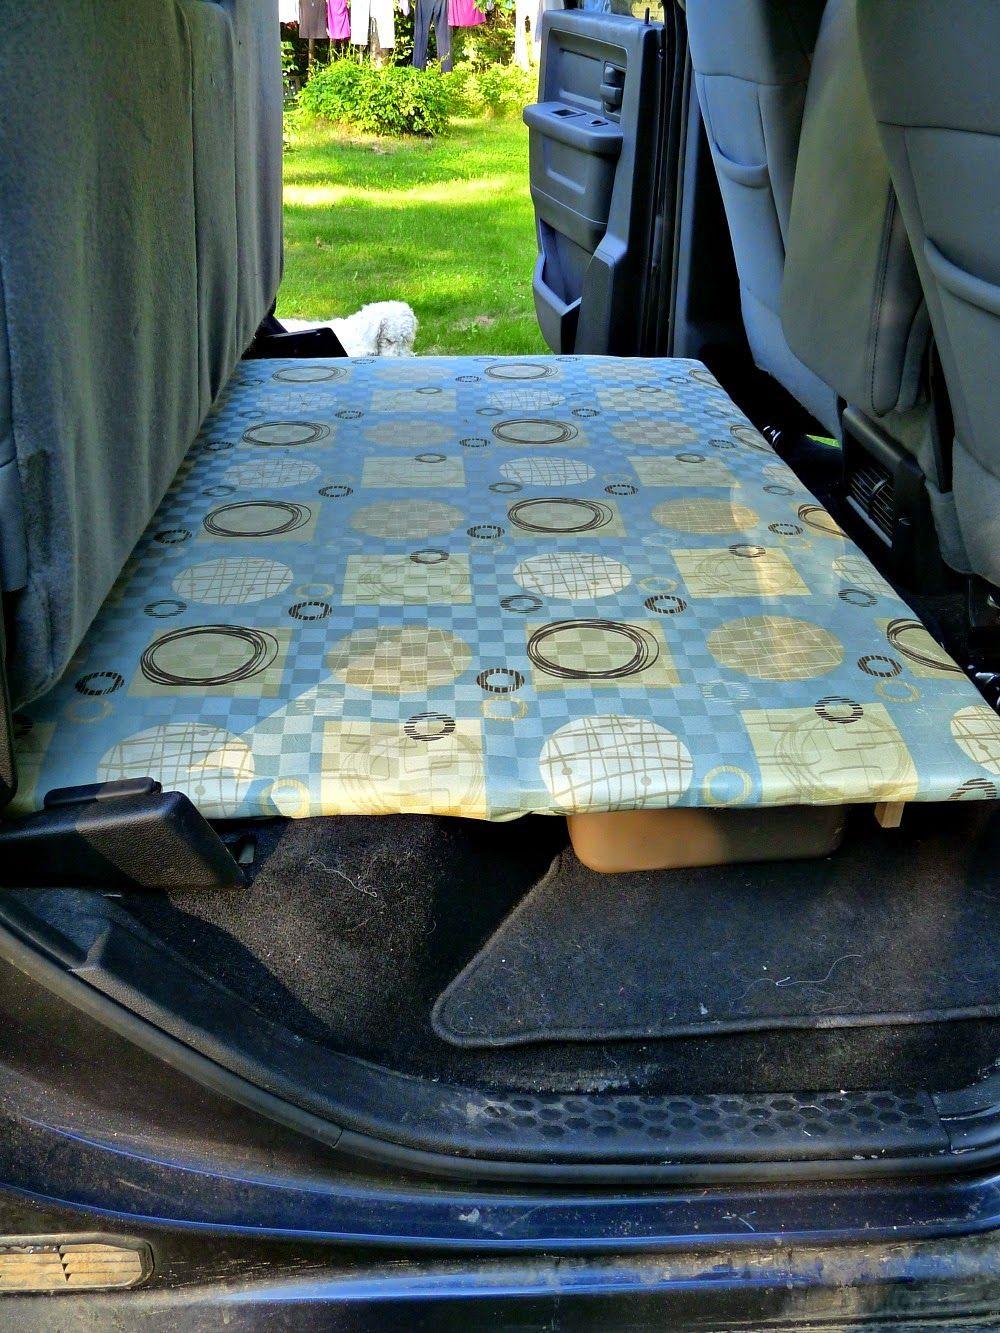 Diy Dog Platform For Back Of Ram Truck Cab The Truth